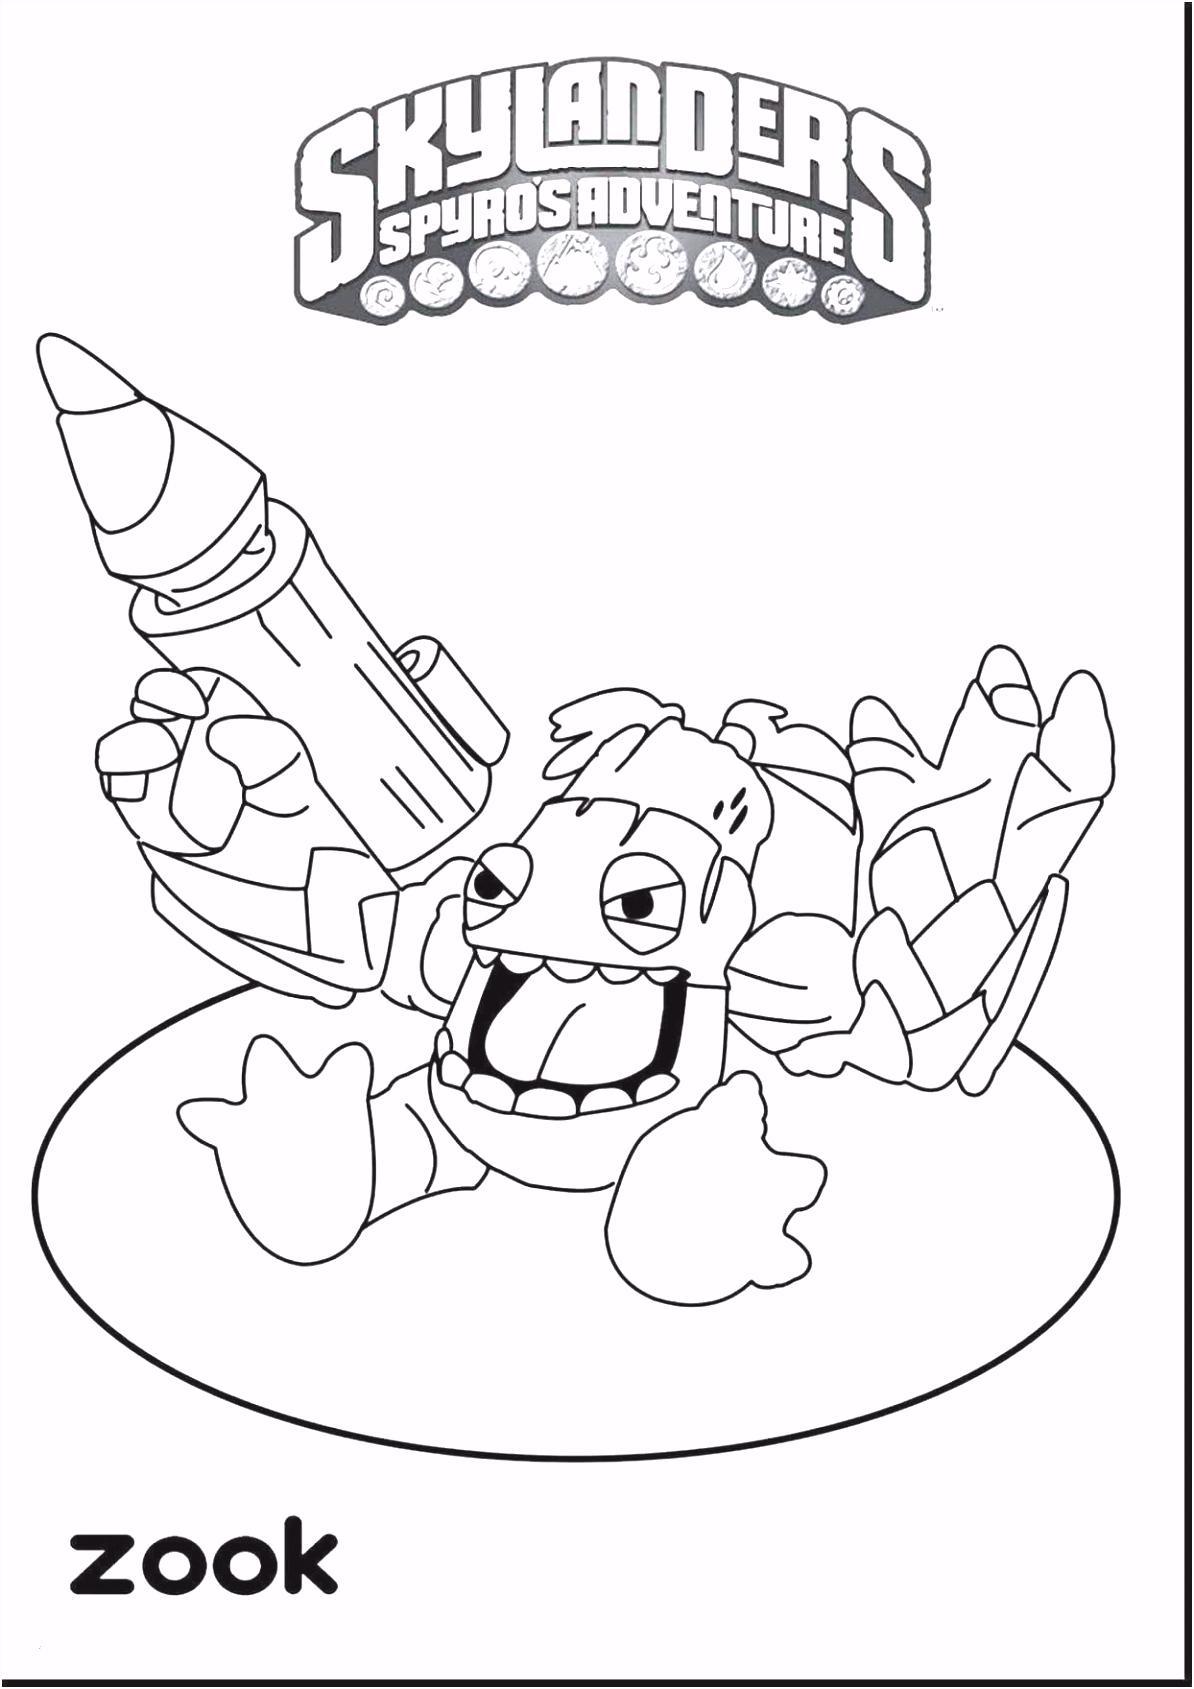 Malen Vorlagen Frisch Ausmalbilder Kinder Genial Malvorlagen Igel